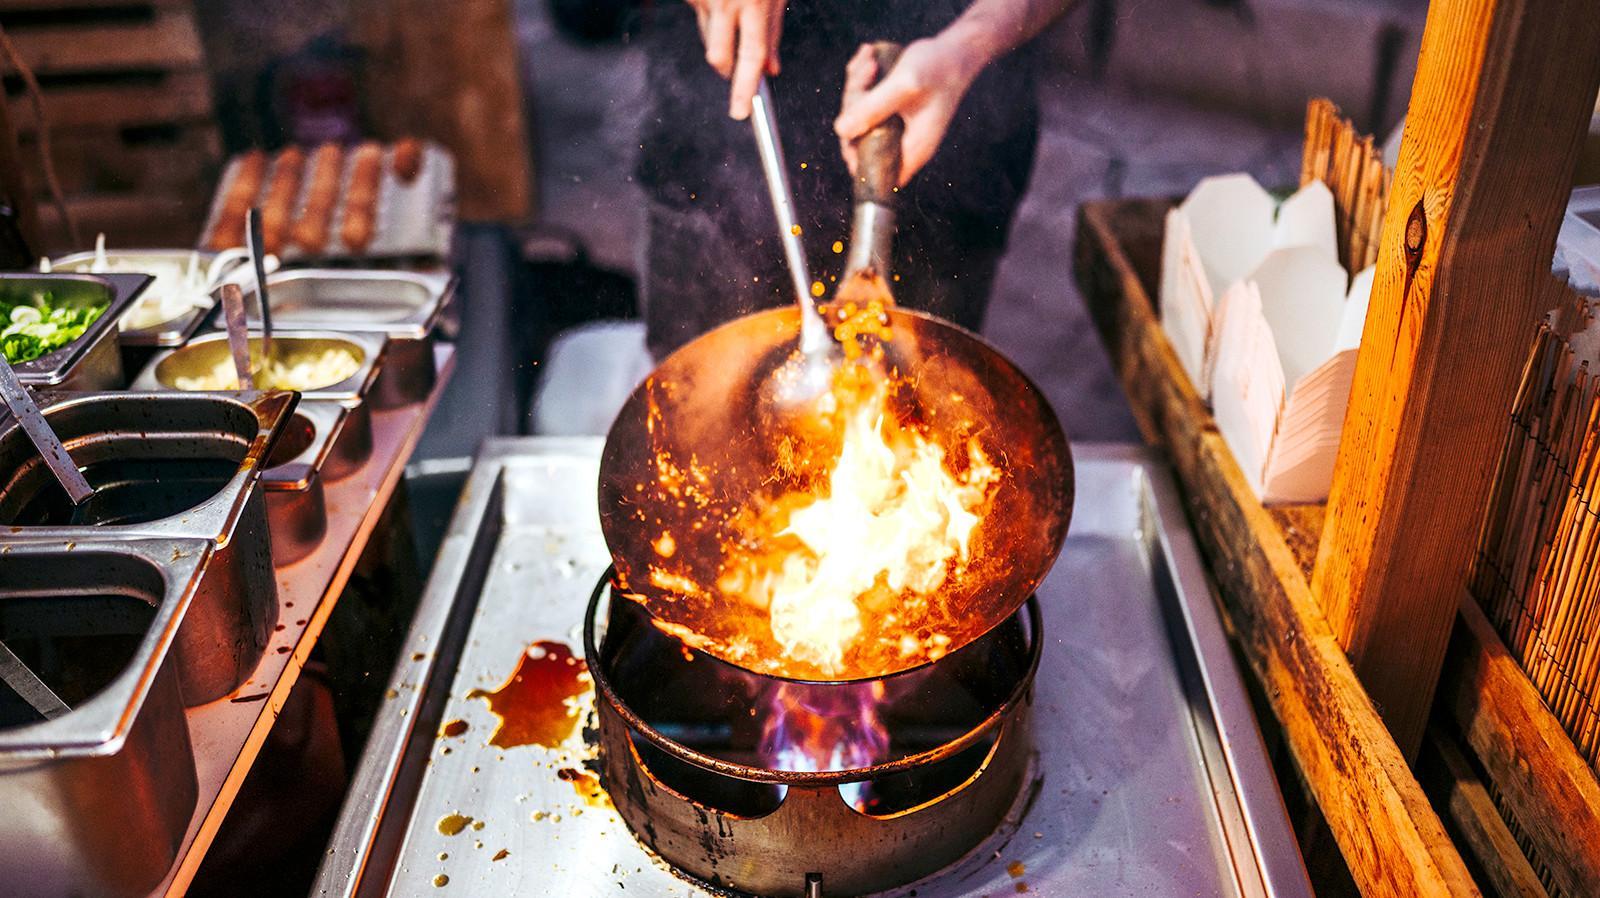 ווק אוכל סיני. ShutterStock